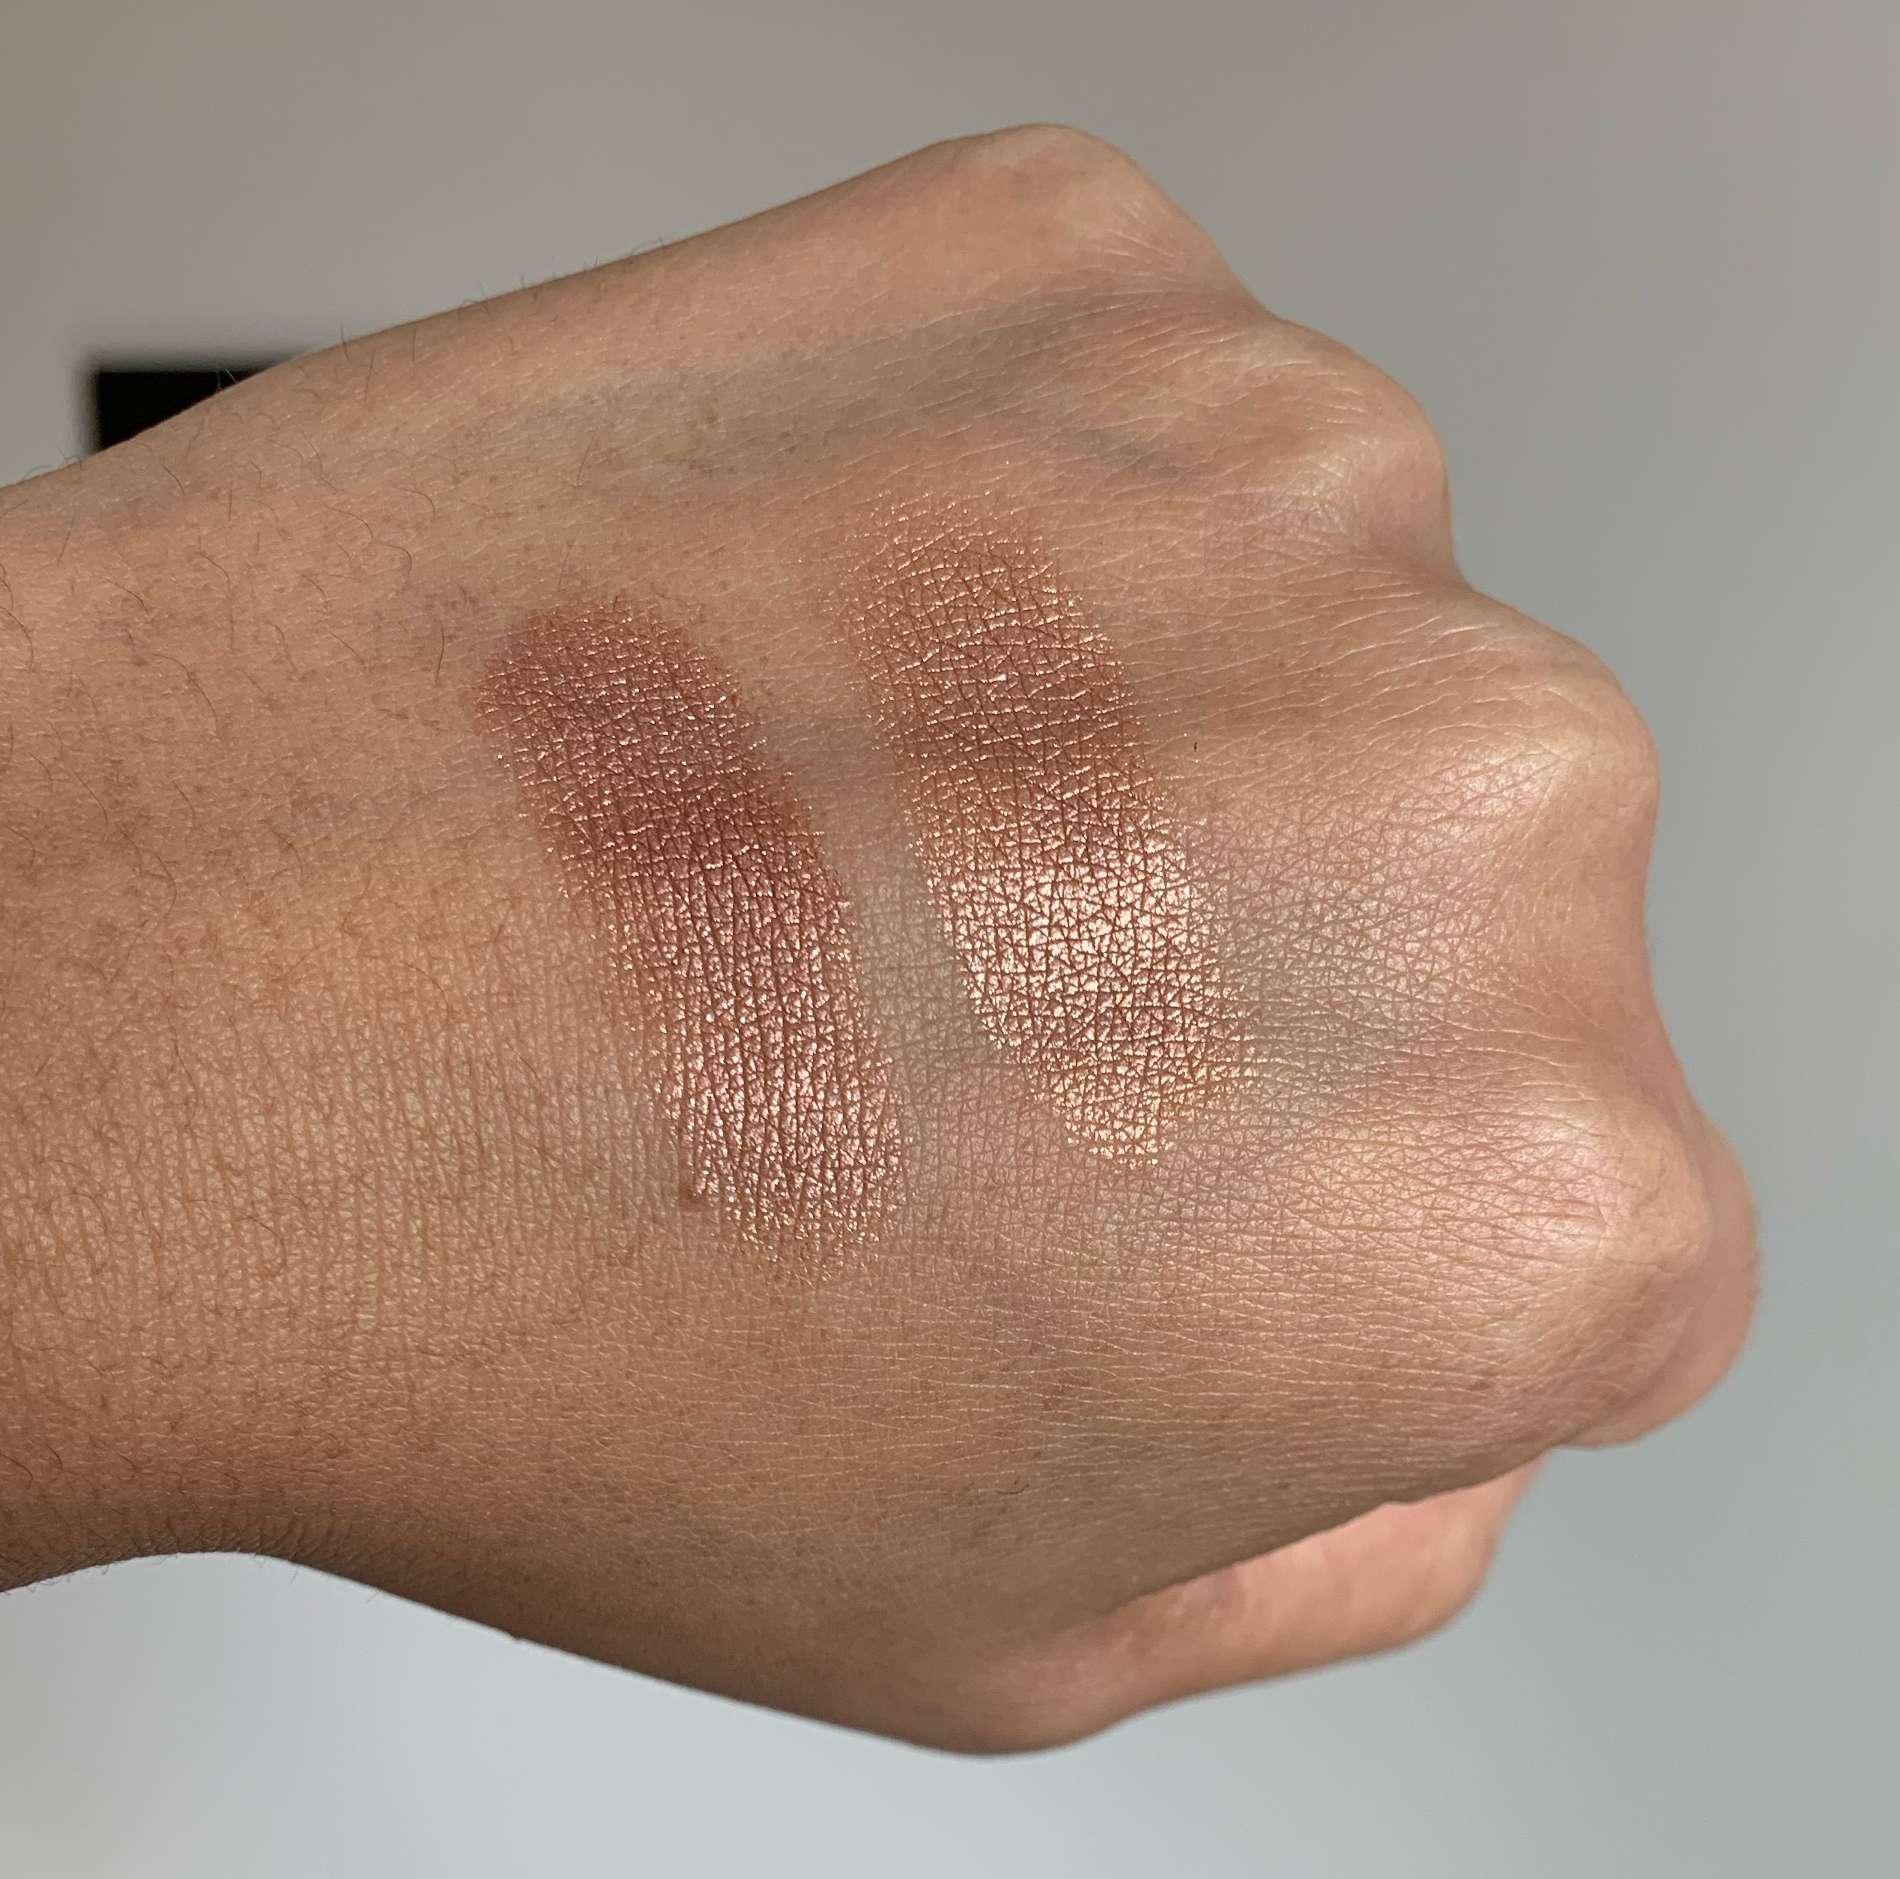 MAC Sand Tropez Foiled Eyeshadow vs Makeup Geek Grandstand Foiled Eyeshadow Swatches on Medium Dark Skin